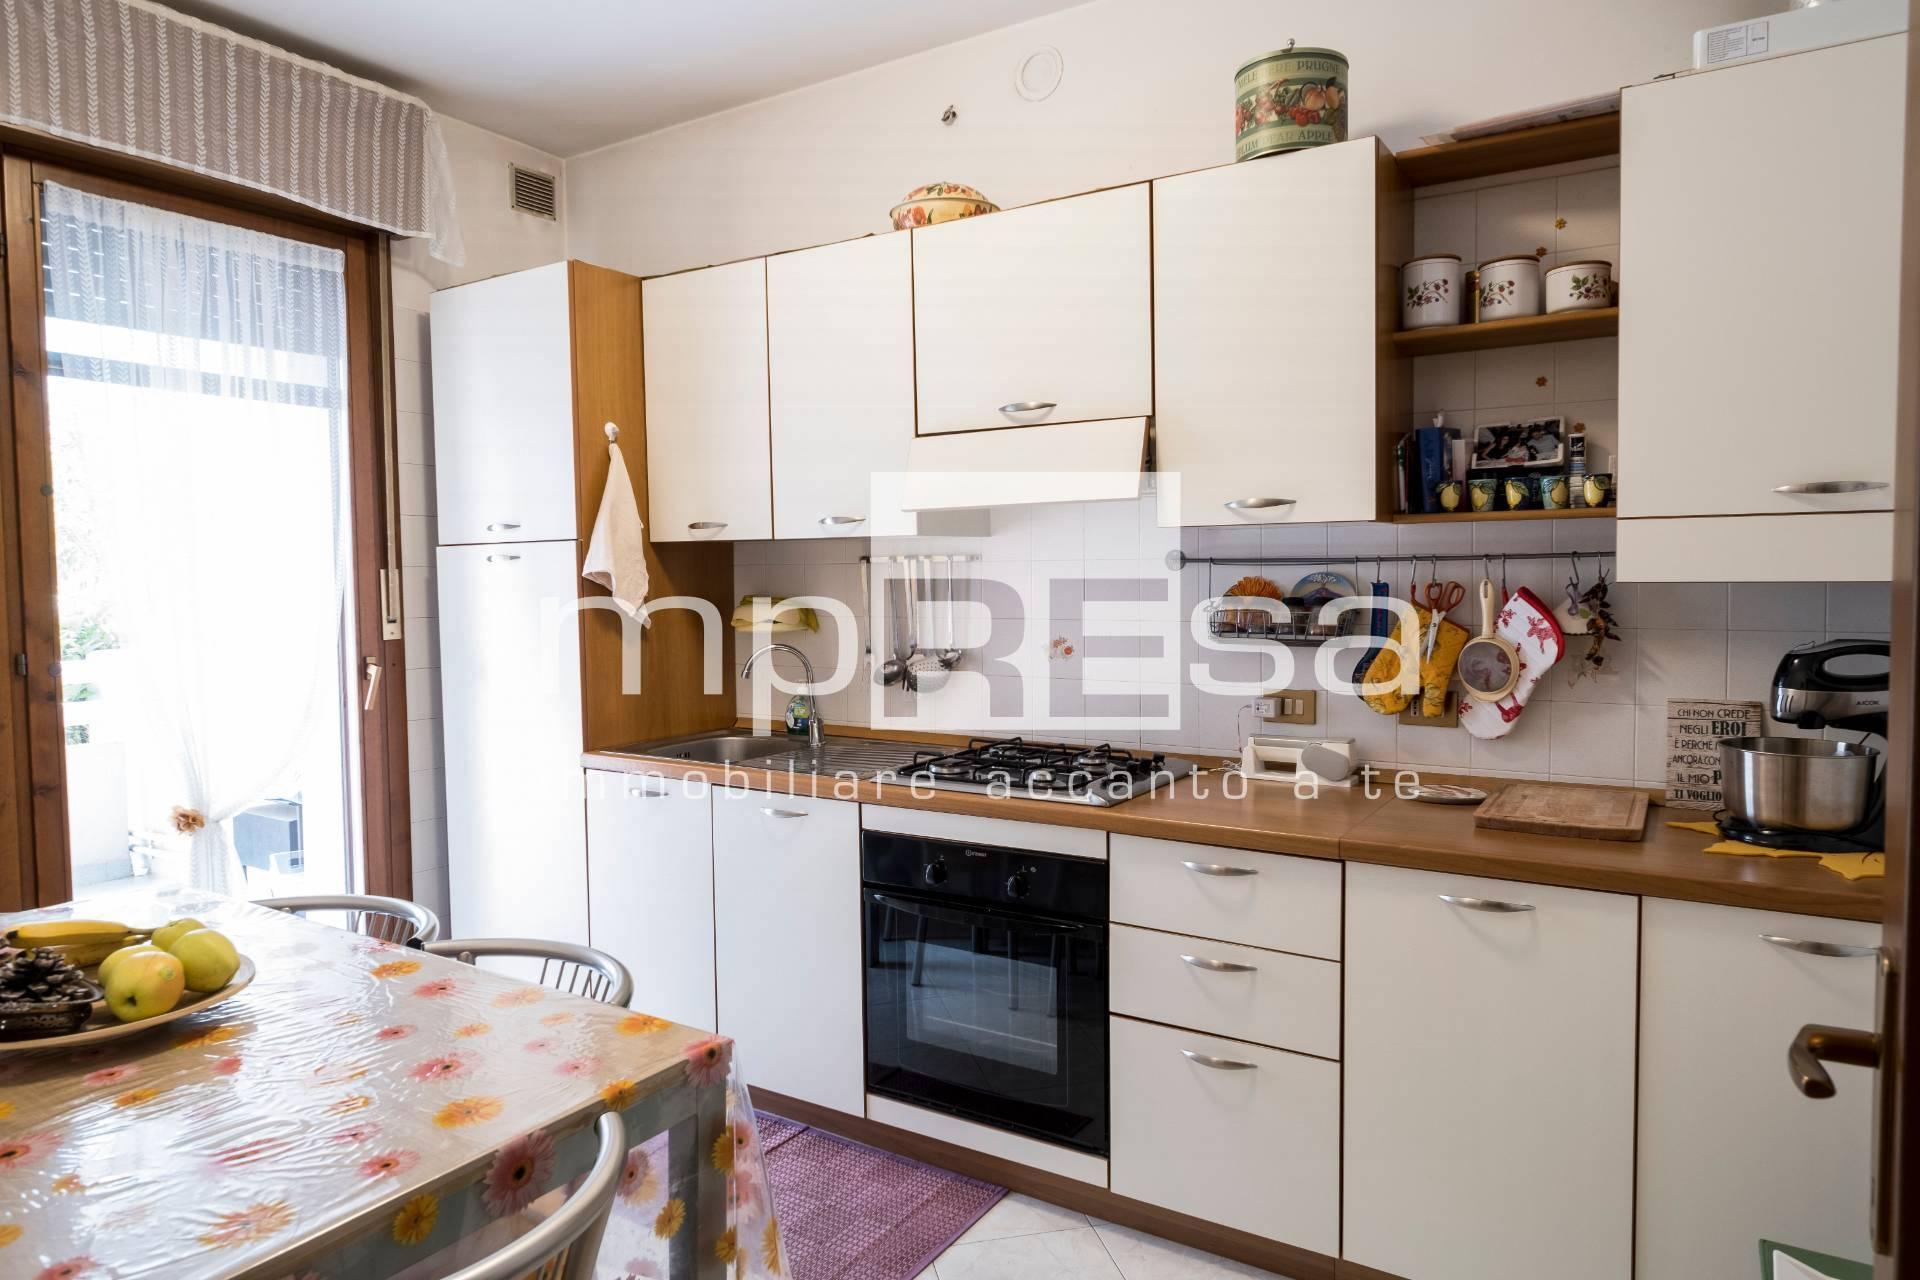 Appartamento in vendita a Quarto d'Altino, 5 locali, prezzo € 130.000 | PortaleAgenzieImmobiliari.it